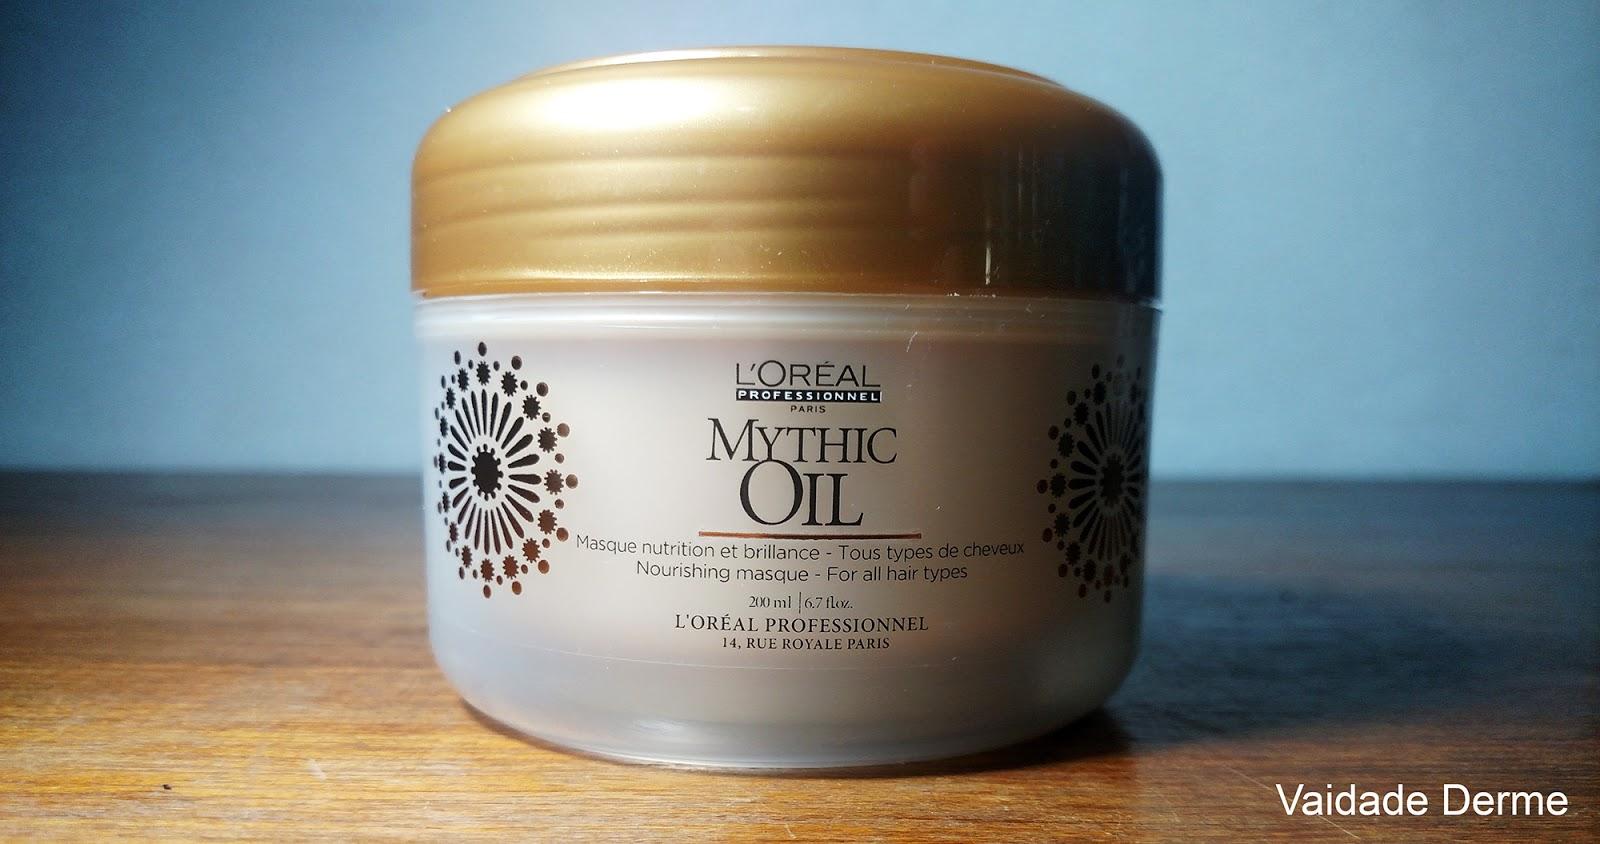 Loreal Profissional Mythic Oil Mascara Creme Nutritivo